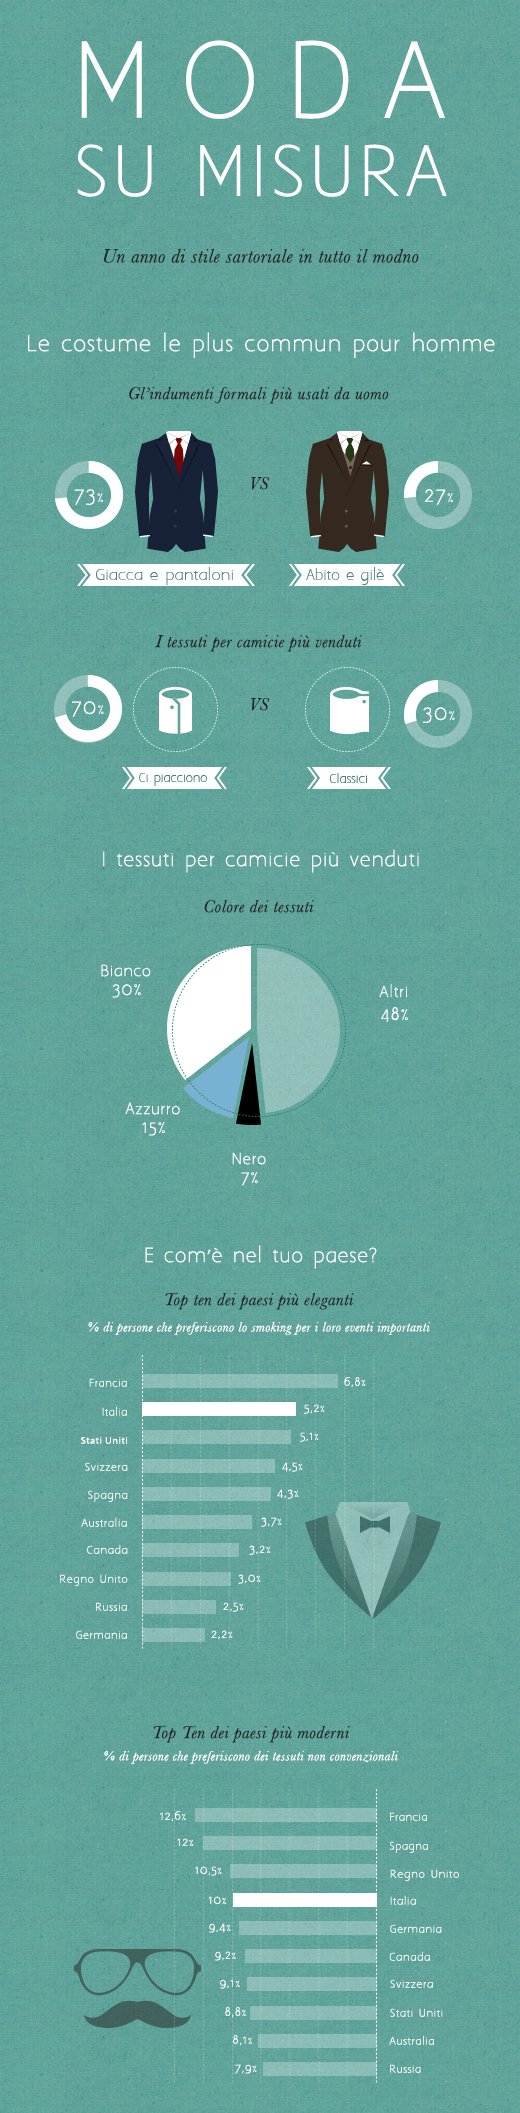 Infografia della moda uomo su misura